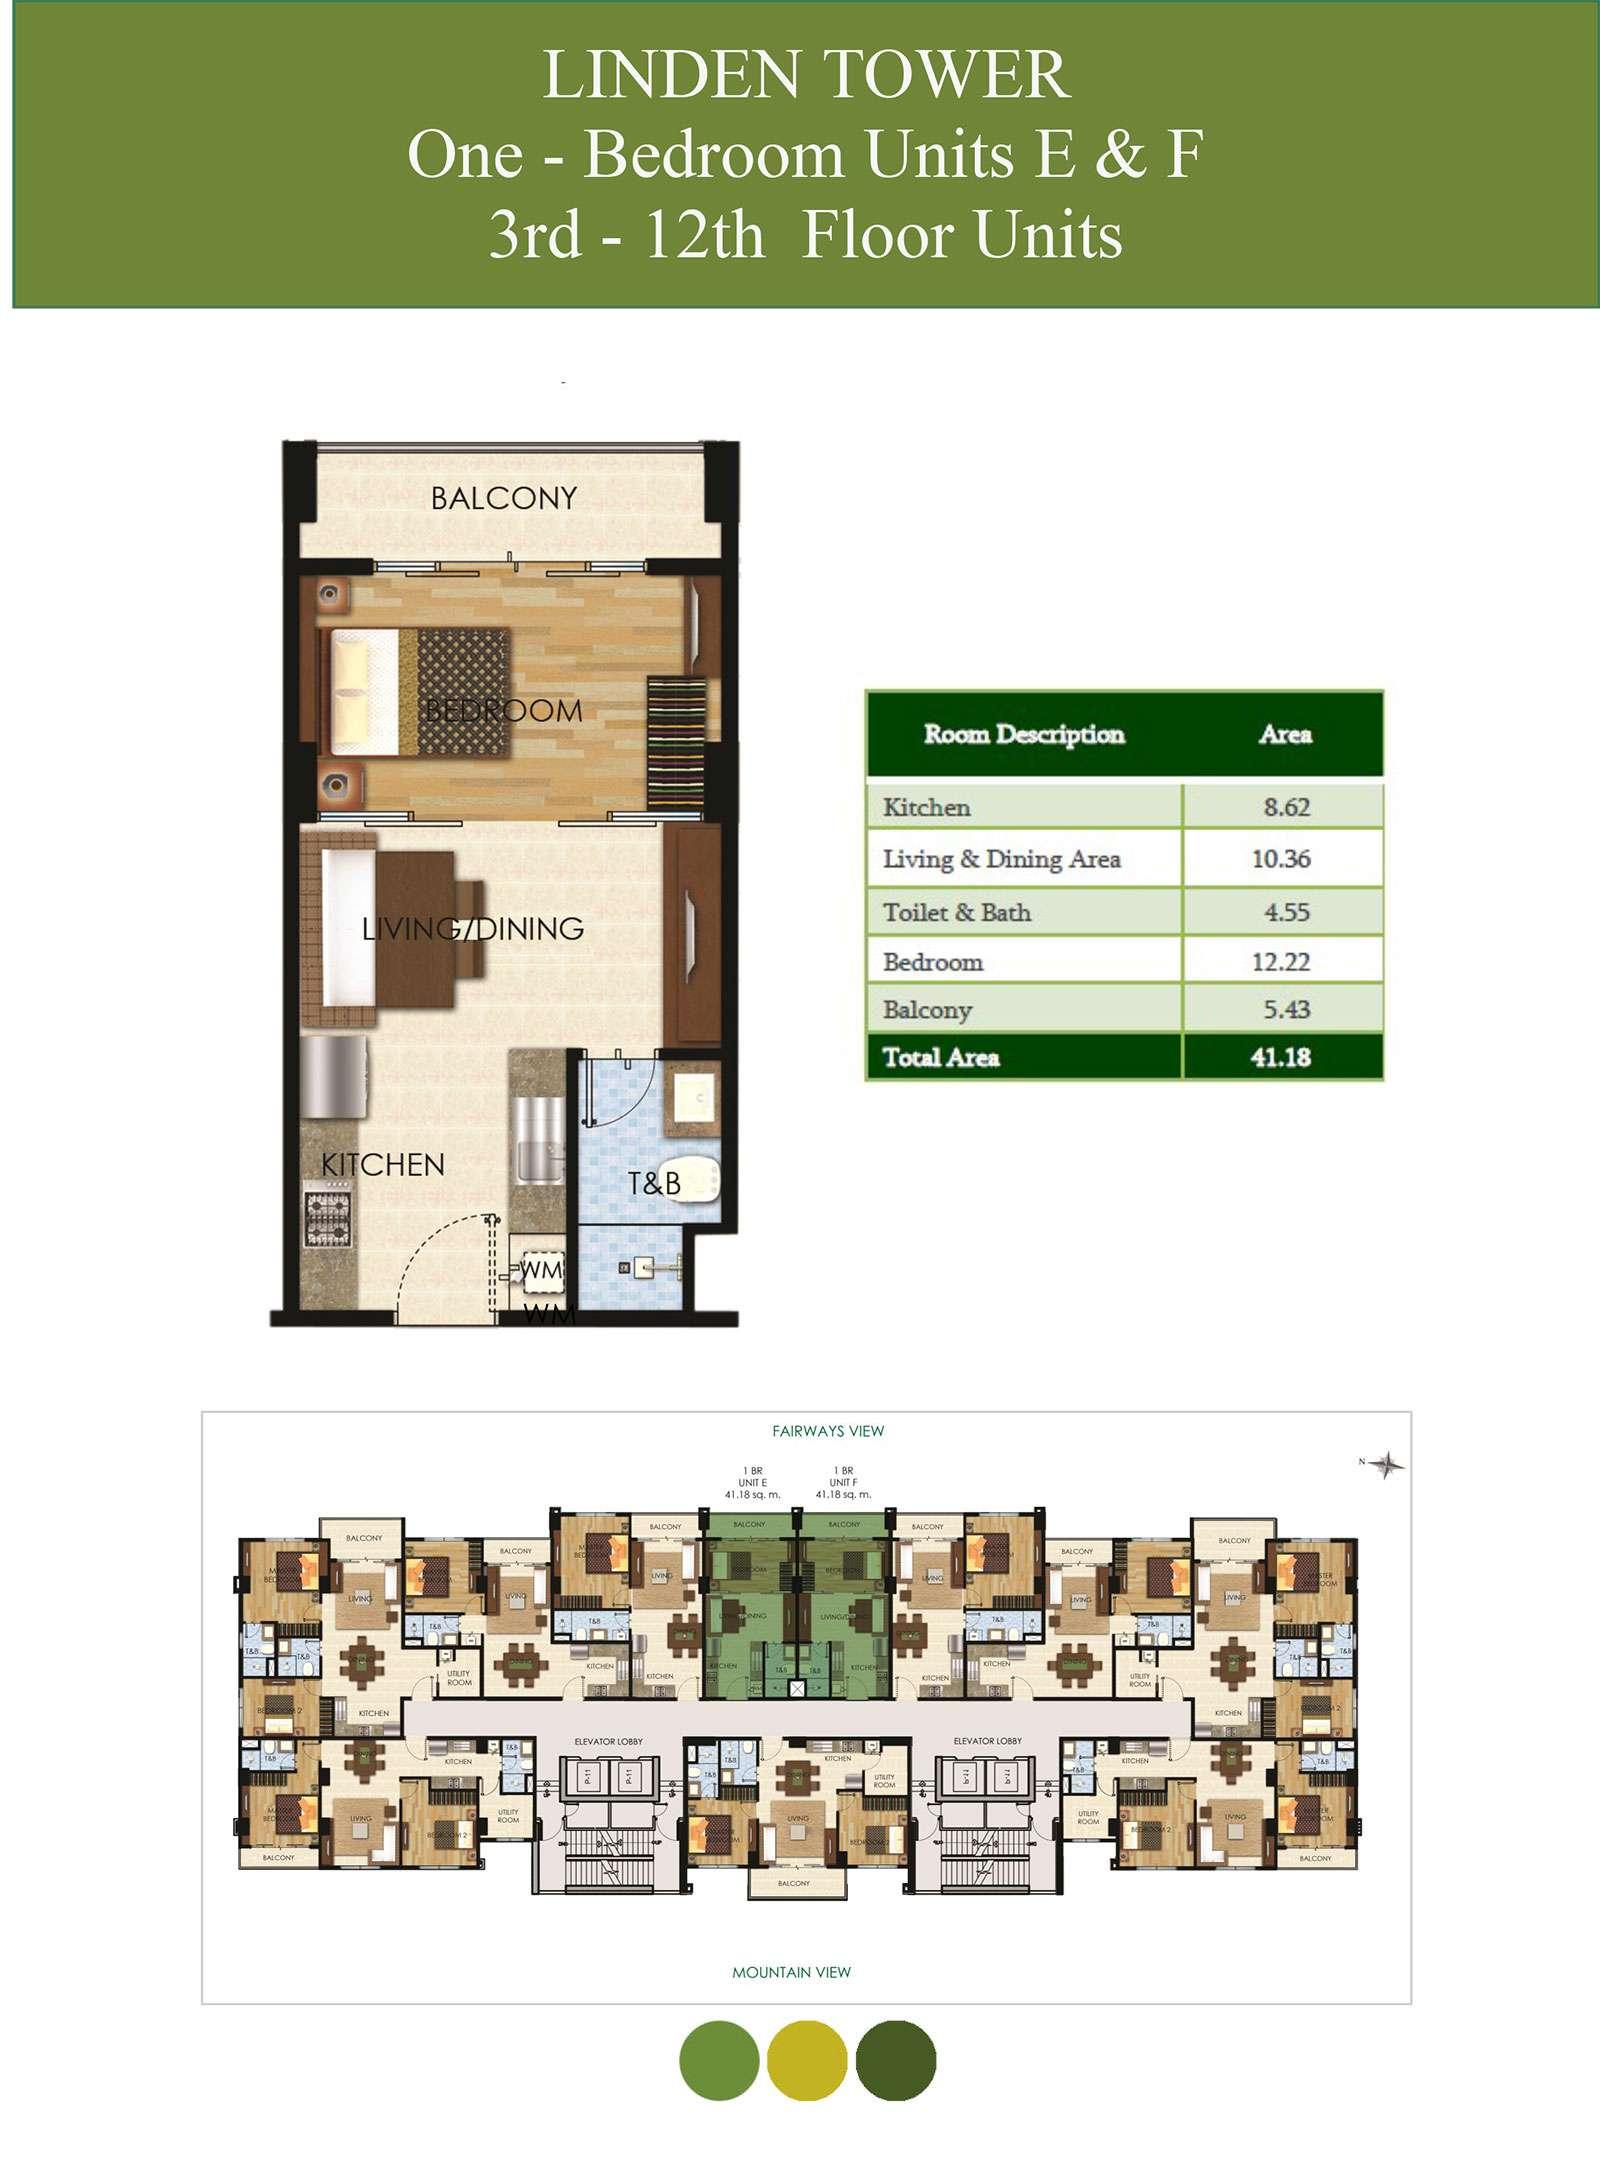 1 Bedroom Units E & F